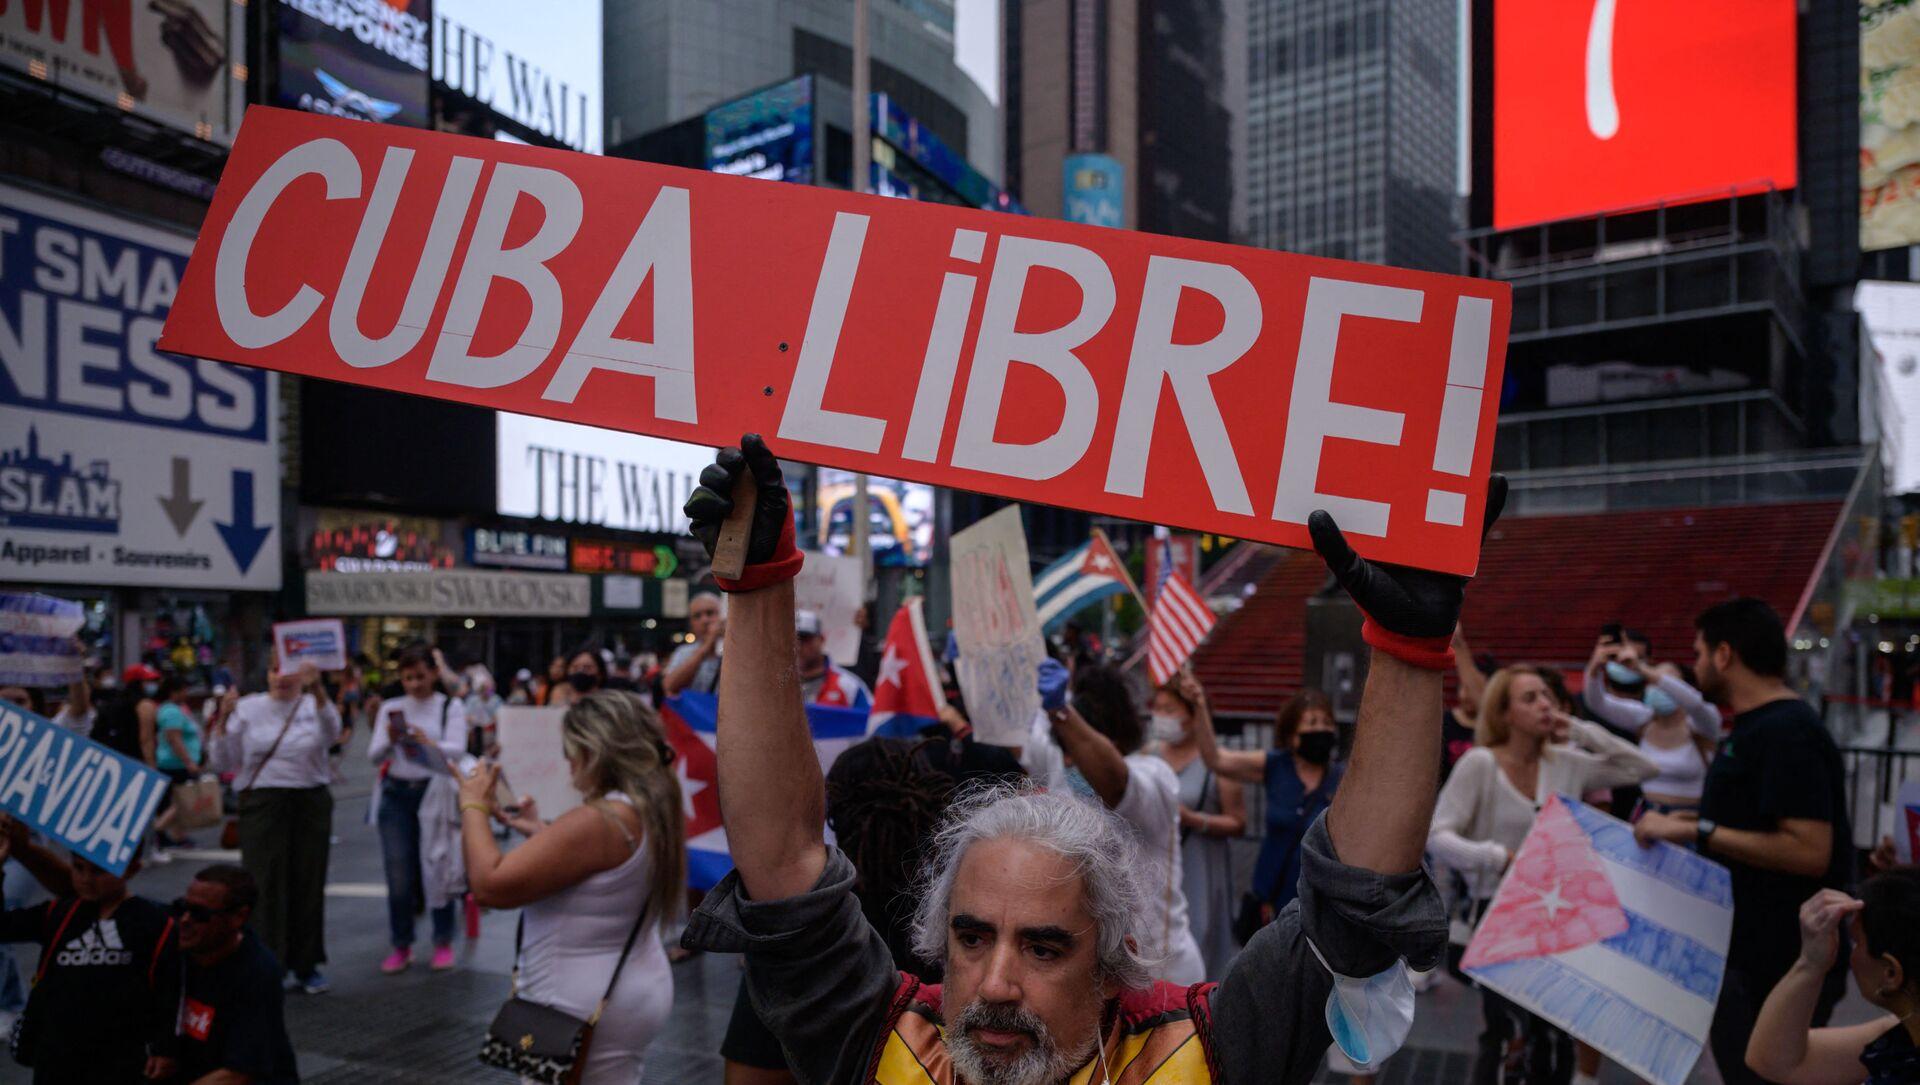 Người biểu tình cầm biểu ngữ trong một cuộc mít tinh được tổ chức đoàn kết với các cuộc biểu tình chống chính phủ ở Cuba, tại Quảng trường Thời đại, New York vào ngày 13 tháng 7 năm 2021. - Một người chết và hơn 100 người khác, bao gồm các nhà báo độc lập và nhà bất đồng chính kiến, đã bị bắt sau khi chưa từng có tiền lệ Các nhà quan sát và các nhà hoạt động cho biết các cuộc biểu tình chống chính phủ ở Cuba, với một số người còn lại bị giam giữ hôm thứ Ba. - Sputnik Việt Nam, 1920, 16.07.2021